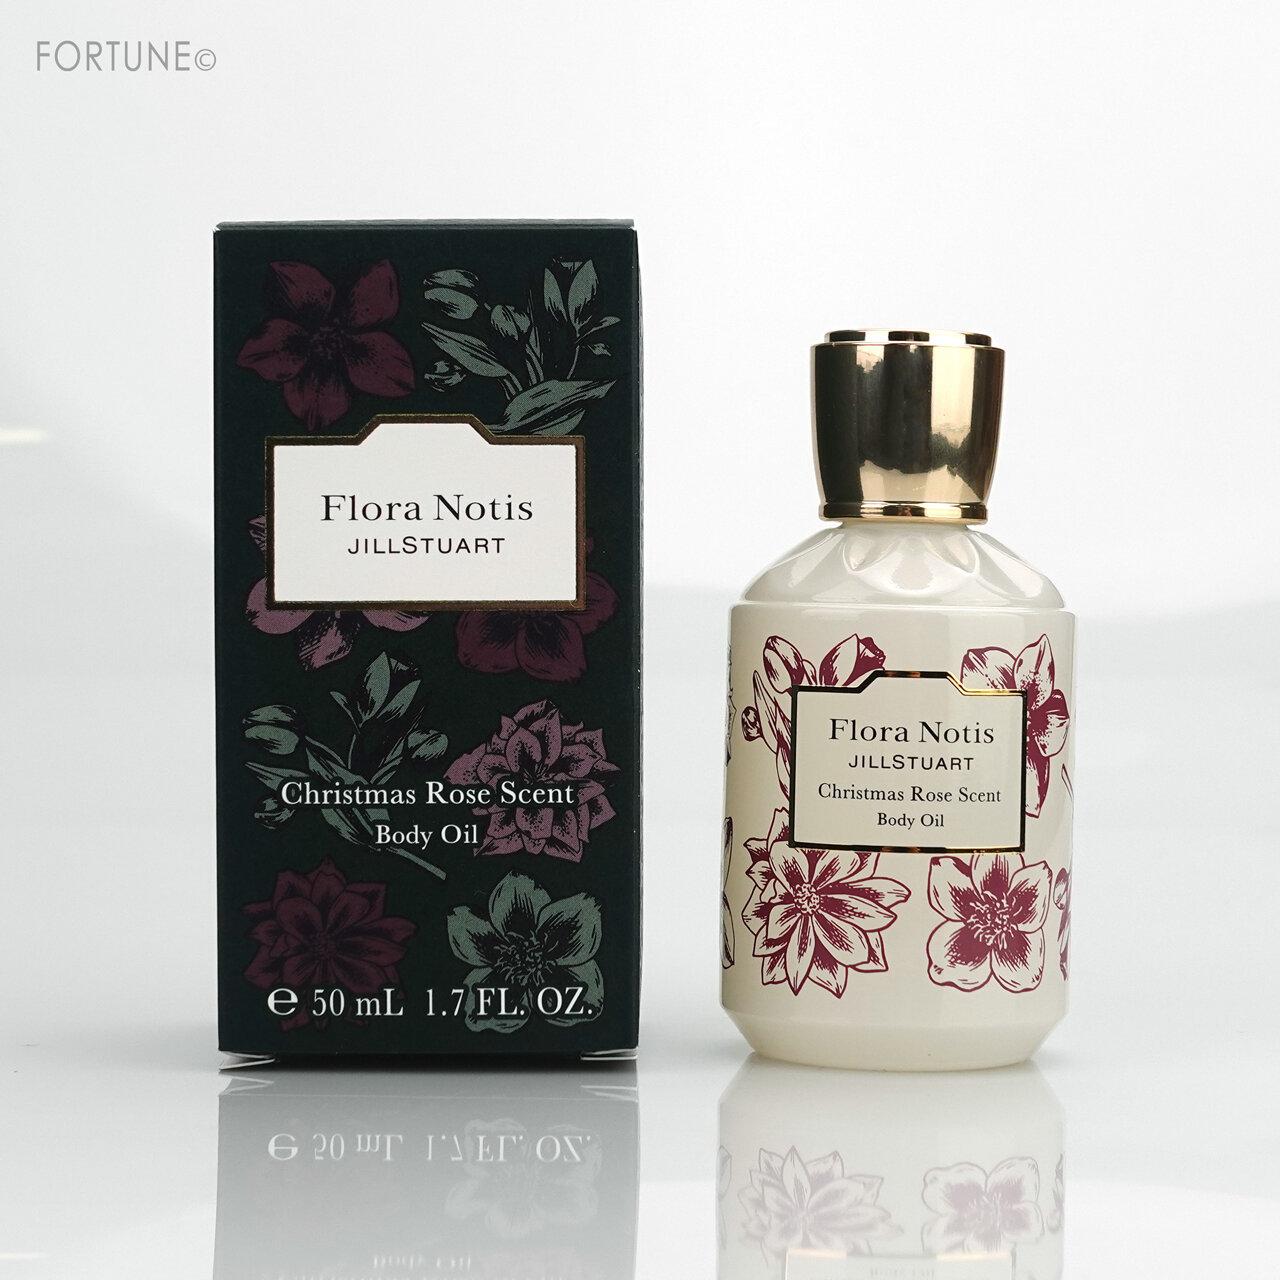 Flora Notis JILL STUART(フローラノーティス ジルスチュアート) 2021 Holiday Collection